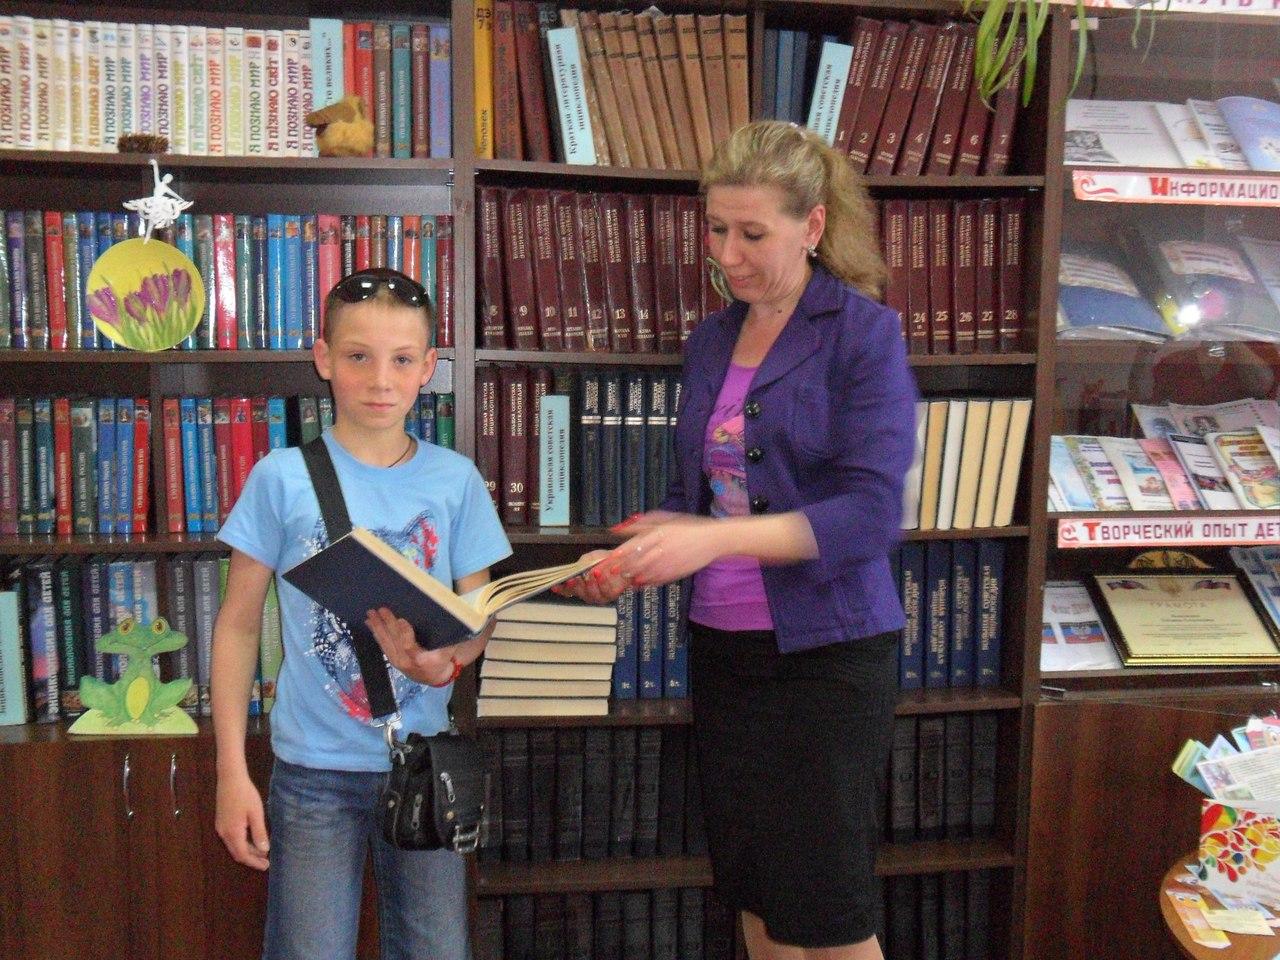 донецкая республиканская библиотека для детей, отдел справочно-библиографического и информационного обслуживания, сба библиотеки, каталоги и картотеки детям